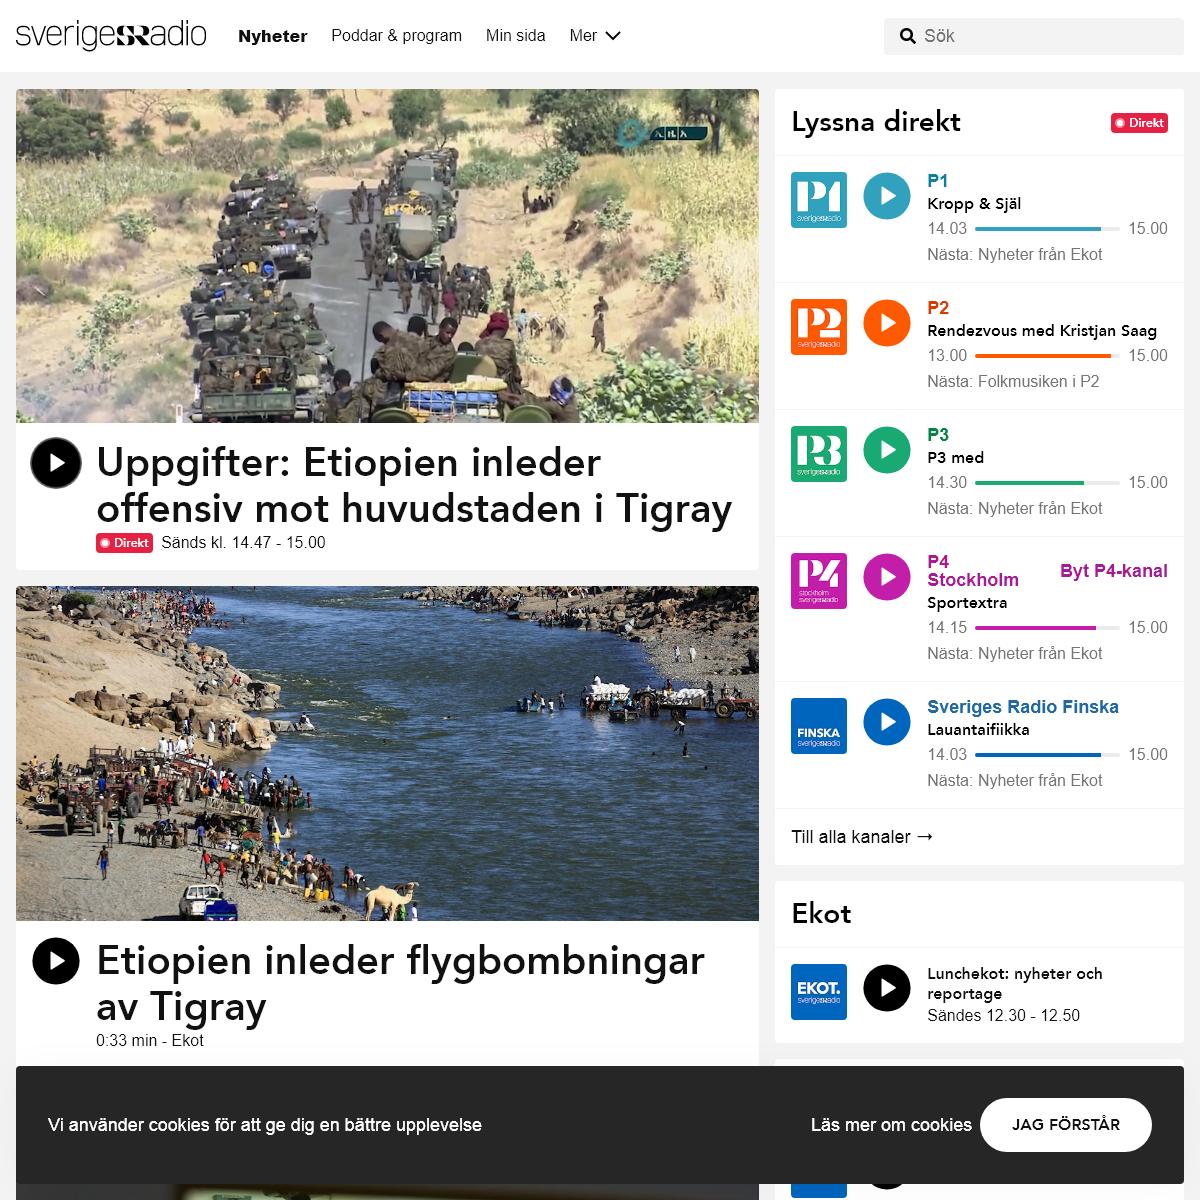 Sveriges Radio - lokala och rikstäckande radiokanaler